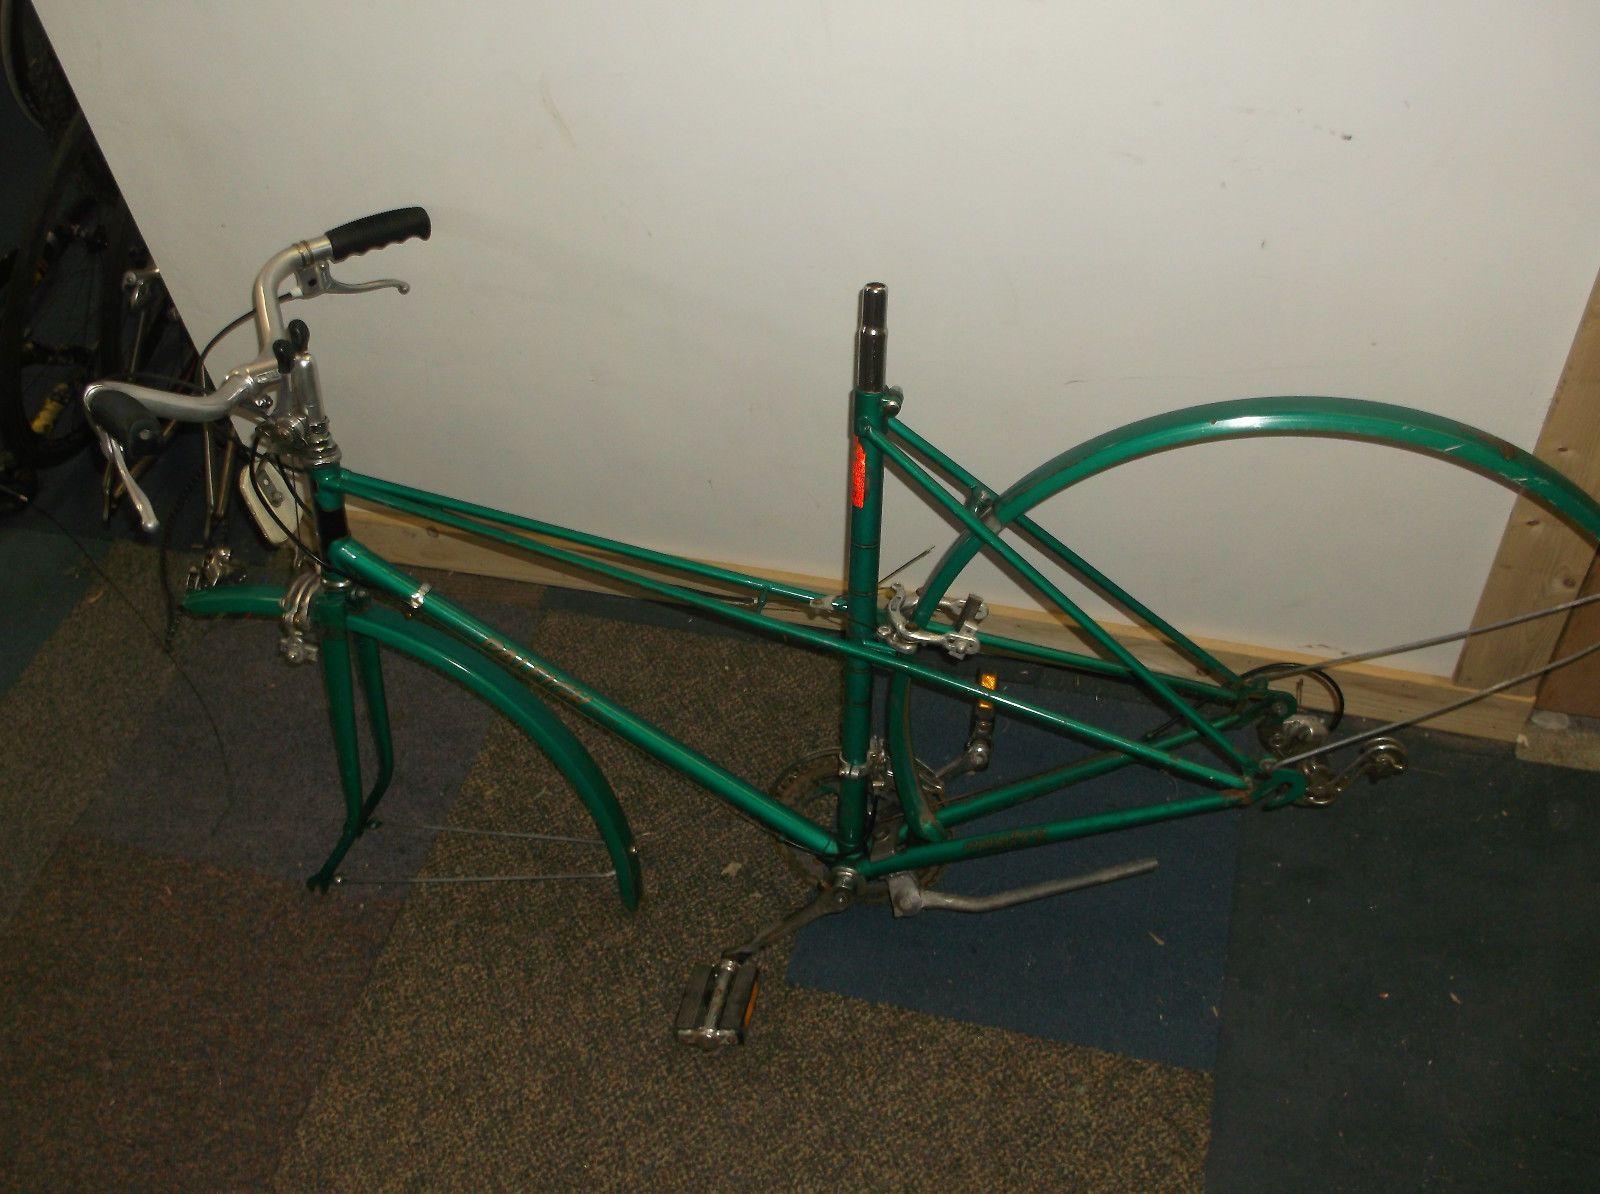 Vintage 55cm Raleigh Sprite mixte road bike frame + fenders + parts ...